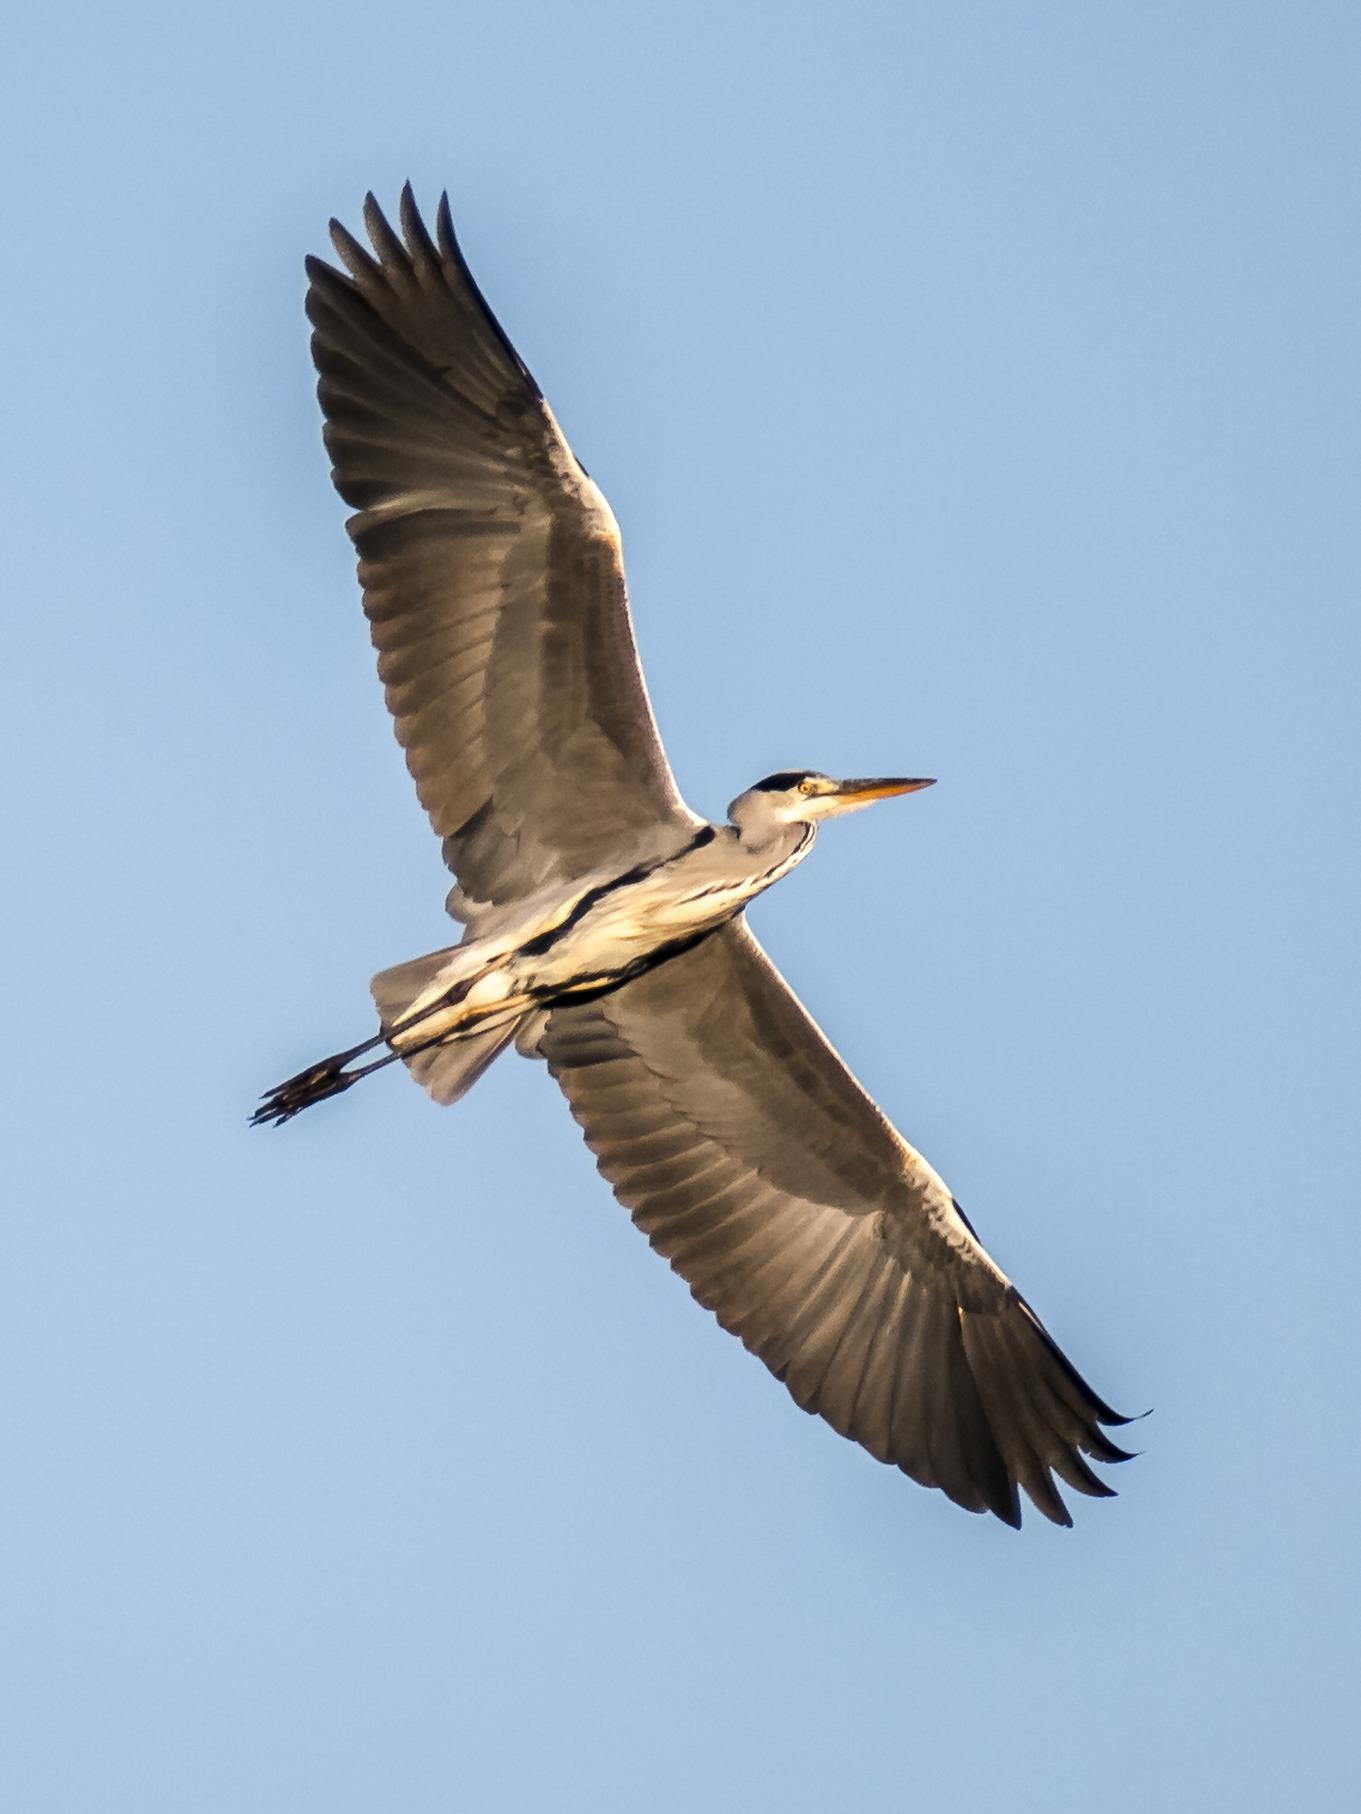 Ein aufgeflogener Graureiher am Himmel.